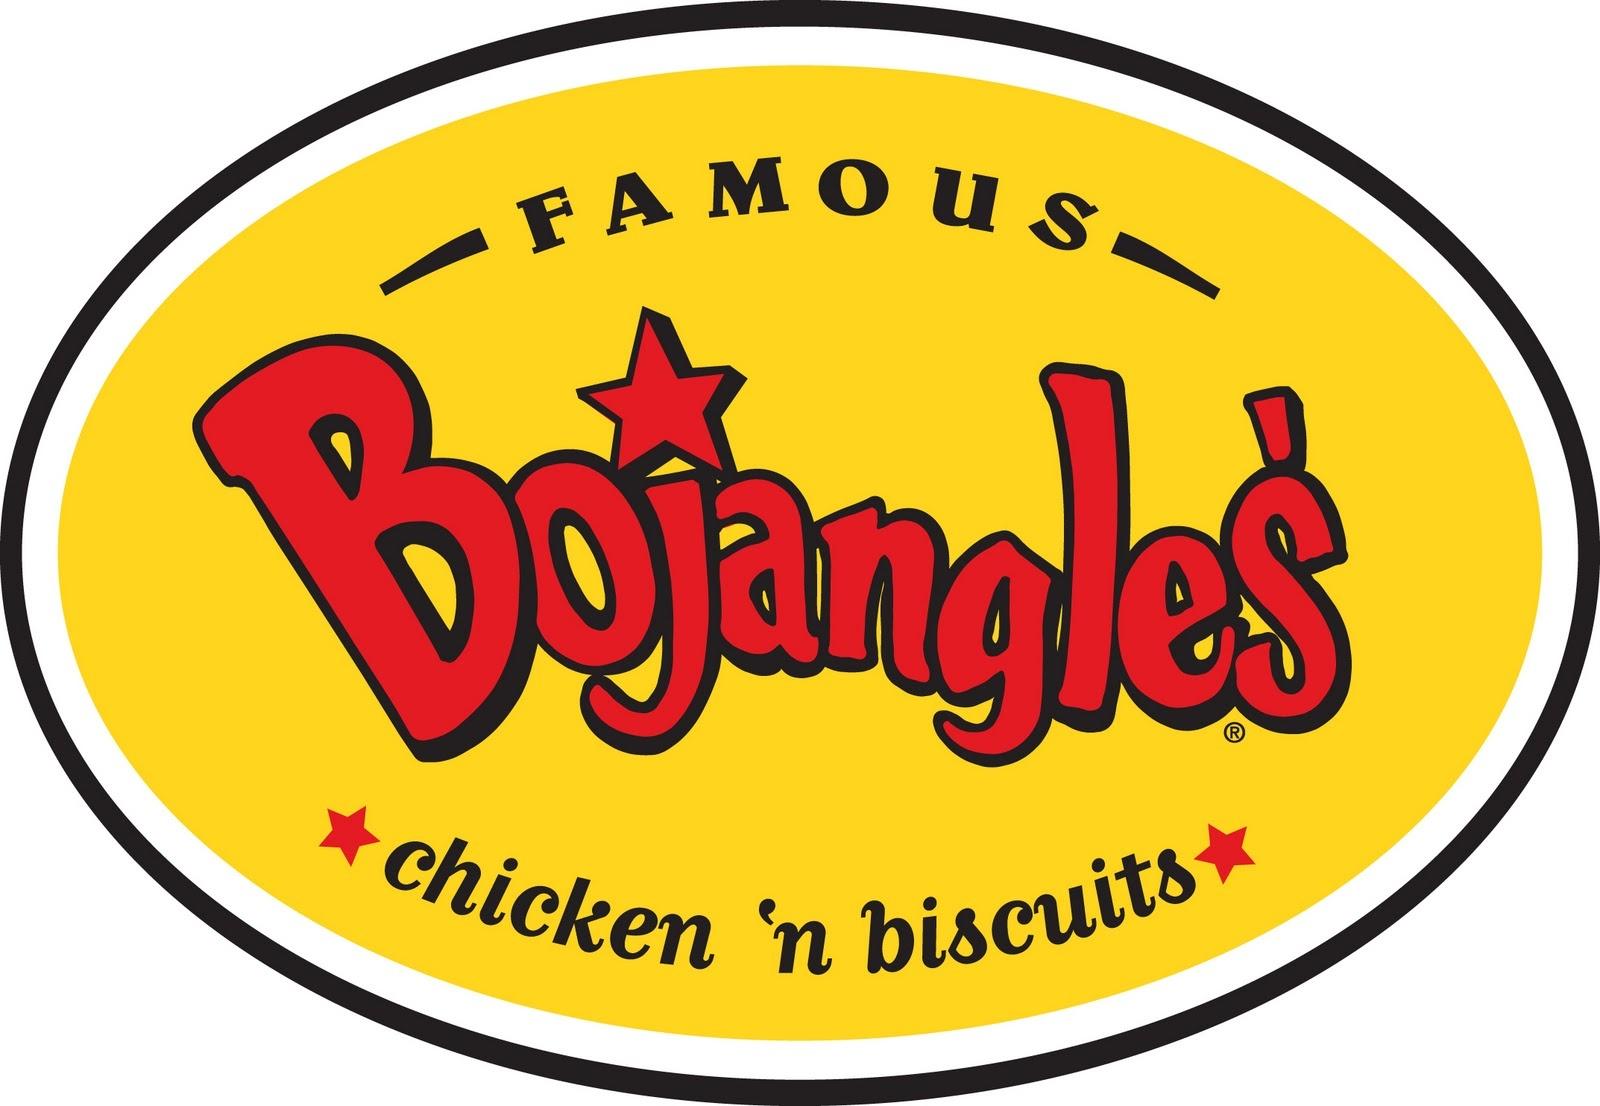 Sasaki Time: Bojangles: Free Sausage, Steak, Country Ham, Or Cajun - Free Printable Coupons For Bojangles